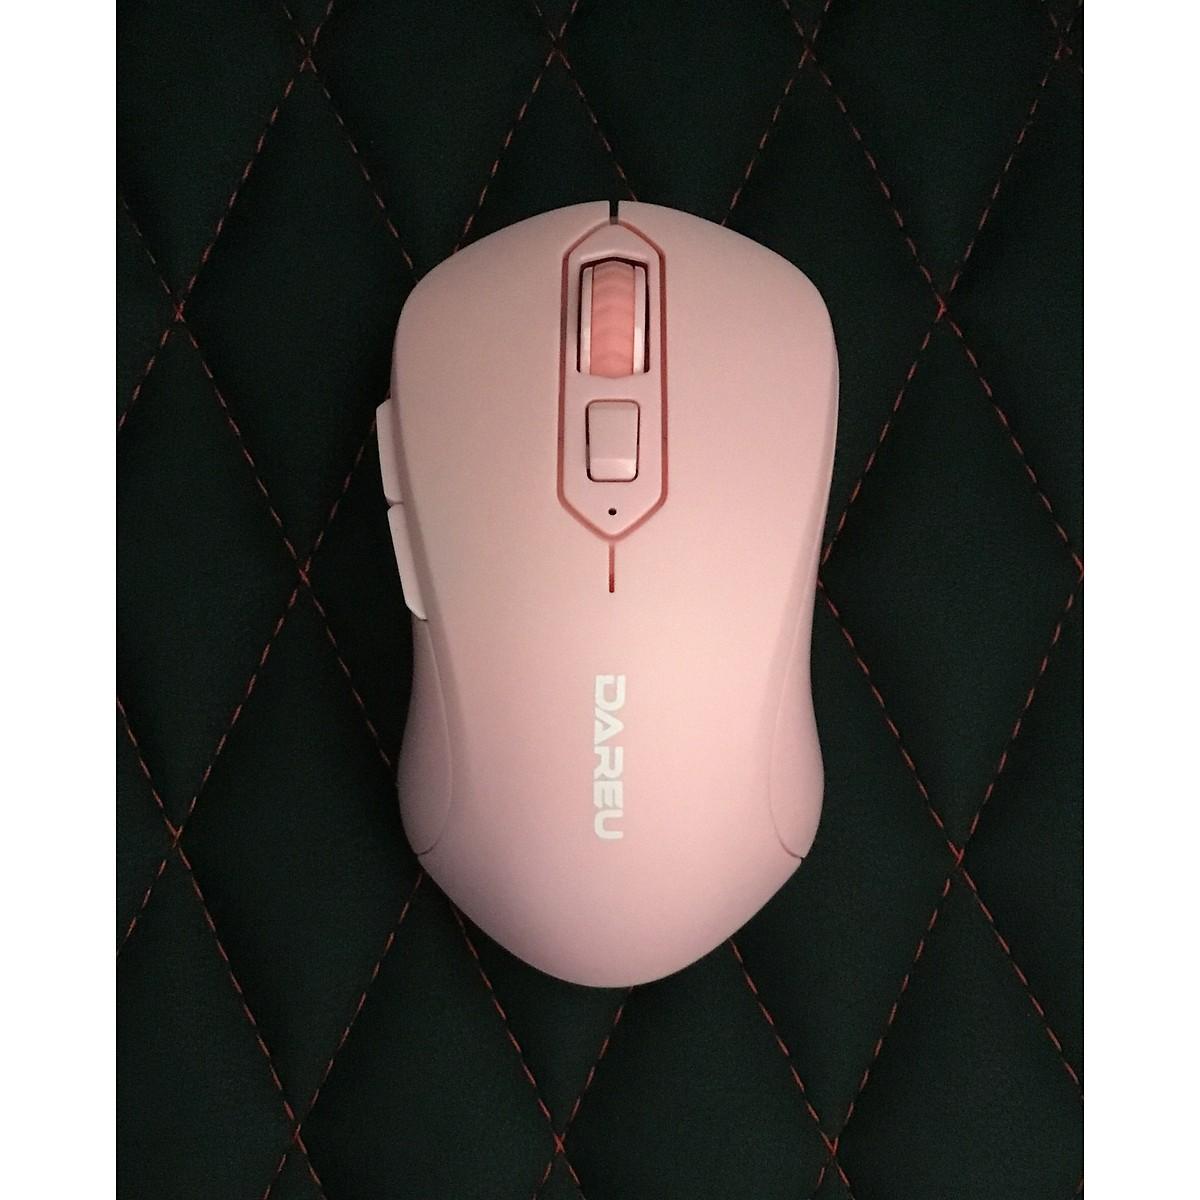 Chuột chơi game Dare U LM115G Pink - Hàng chính hãng